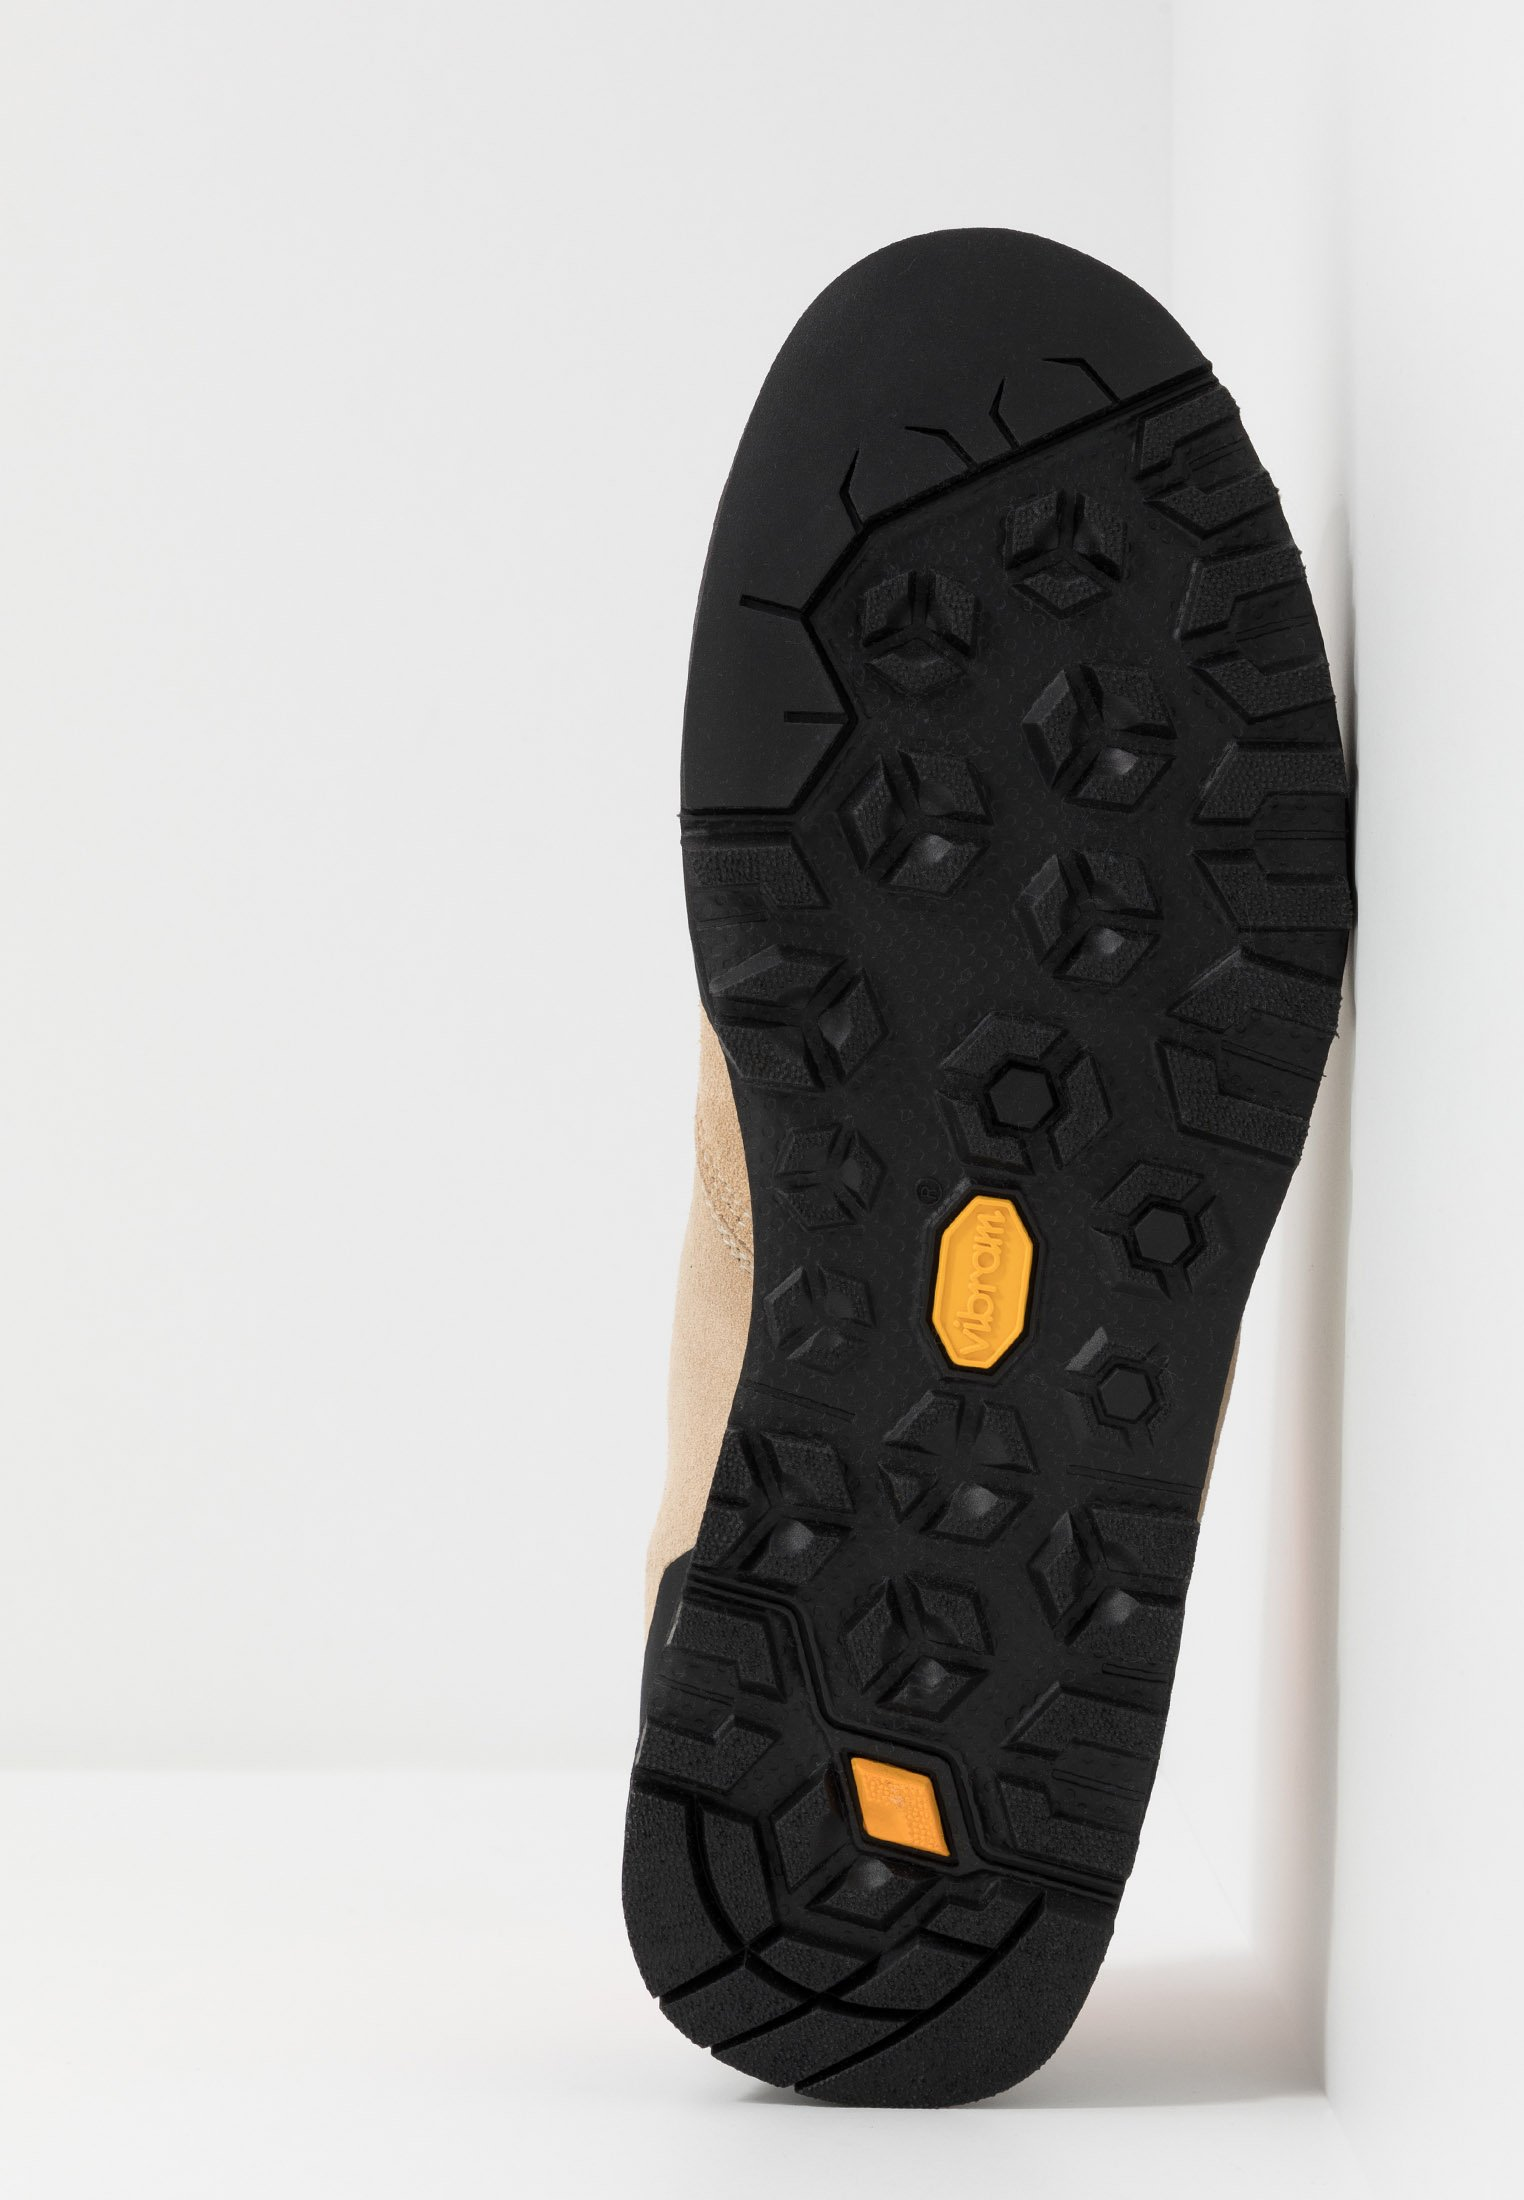 Scarpa KALIPÈ - Hikingskor - beige/orange fluo